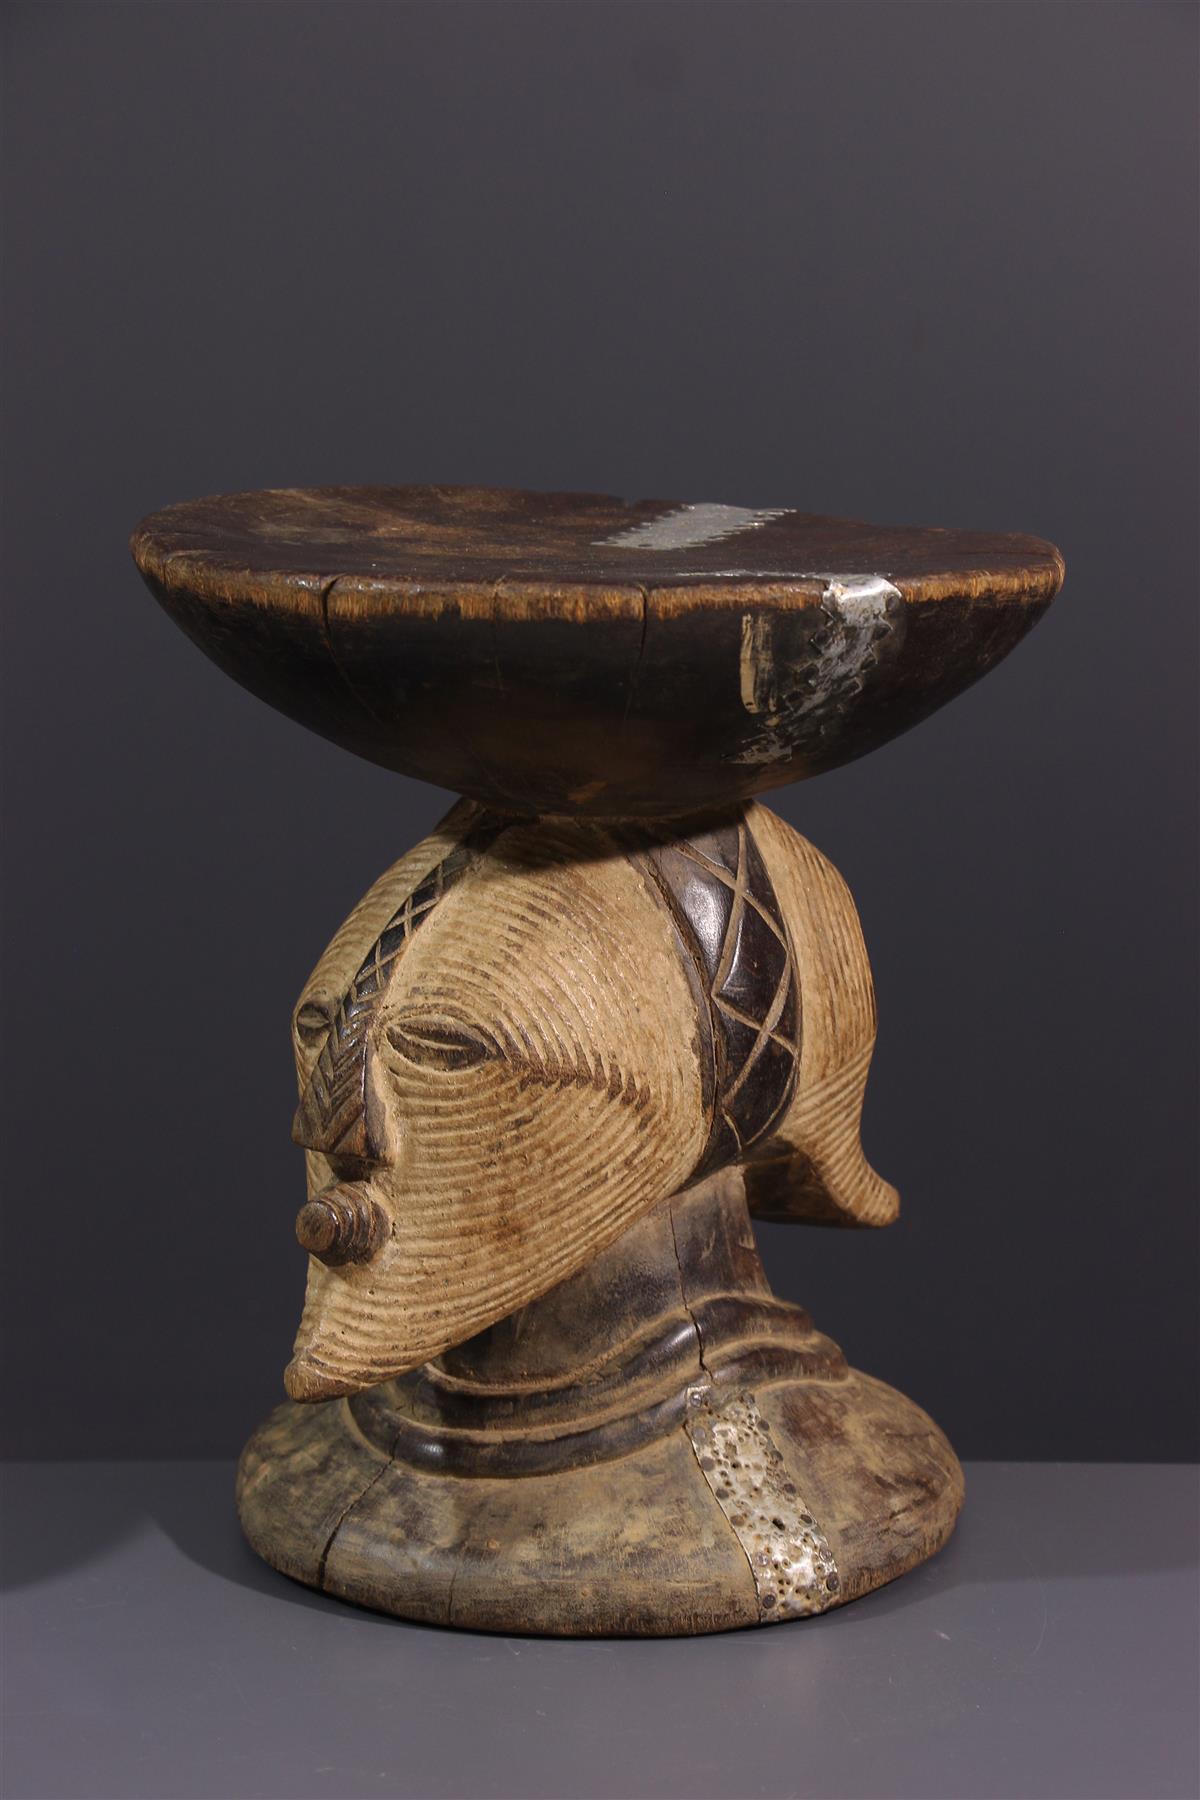 Songye stool - Tribal art